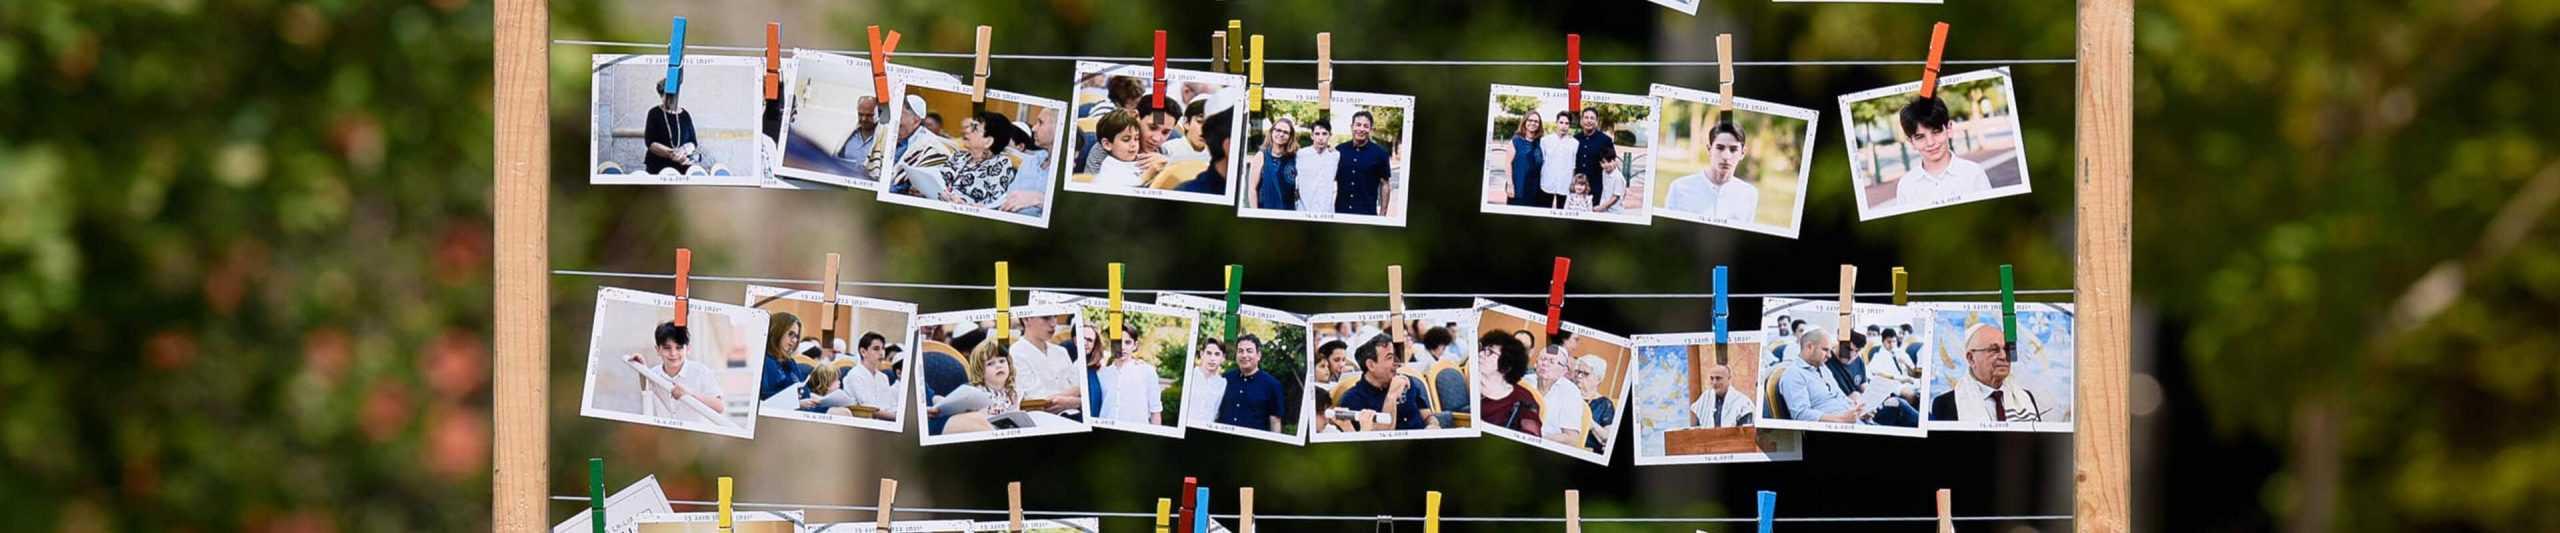 מגנטים פולארויד | מגנטים פולארויד לחתונה